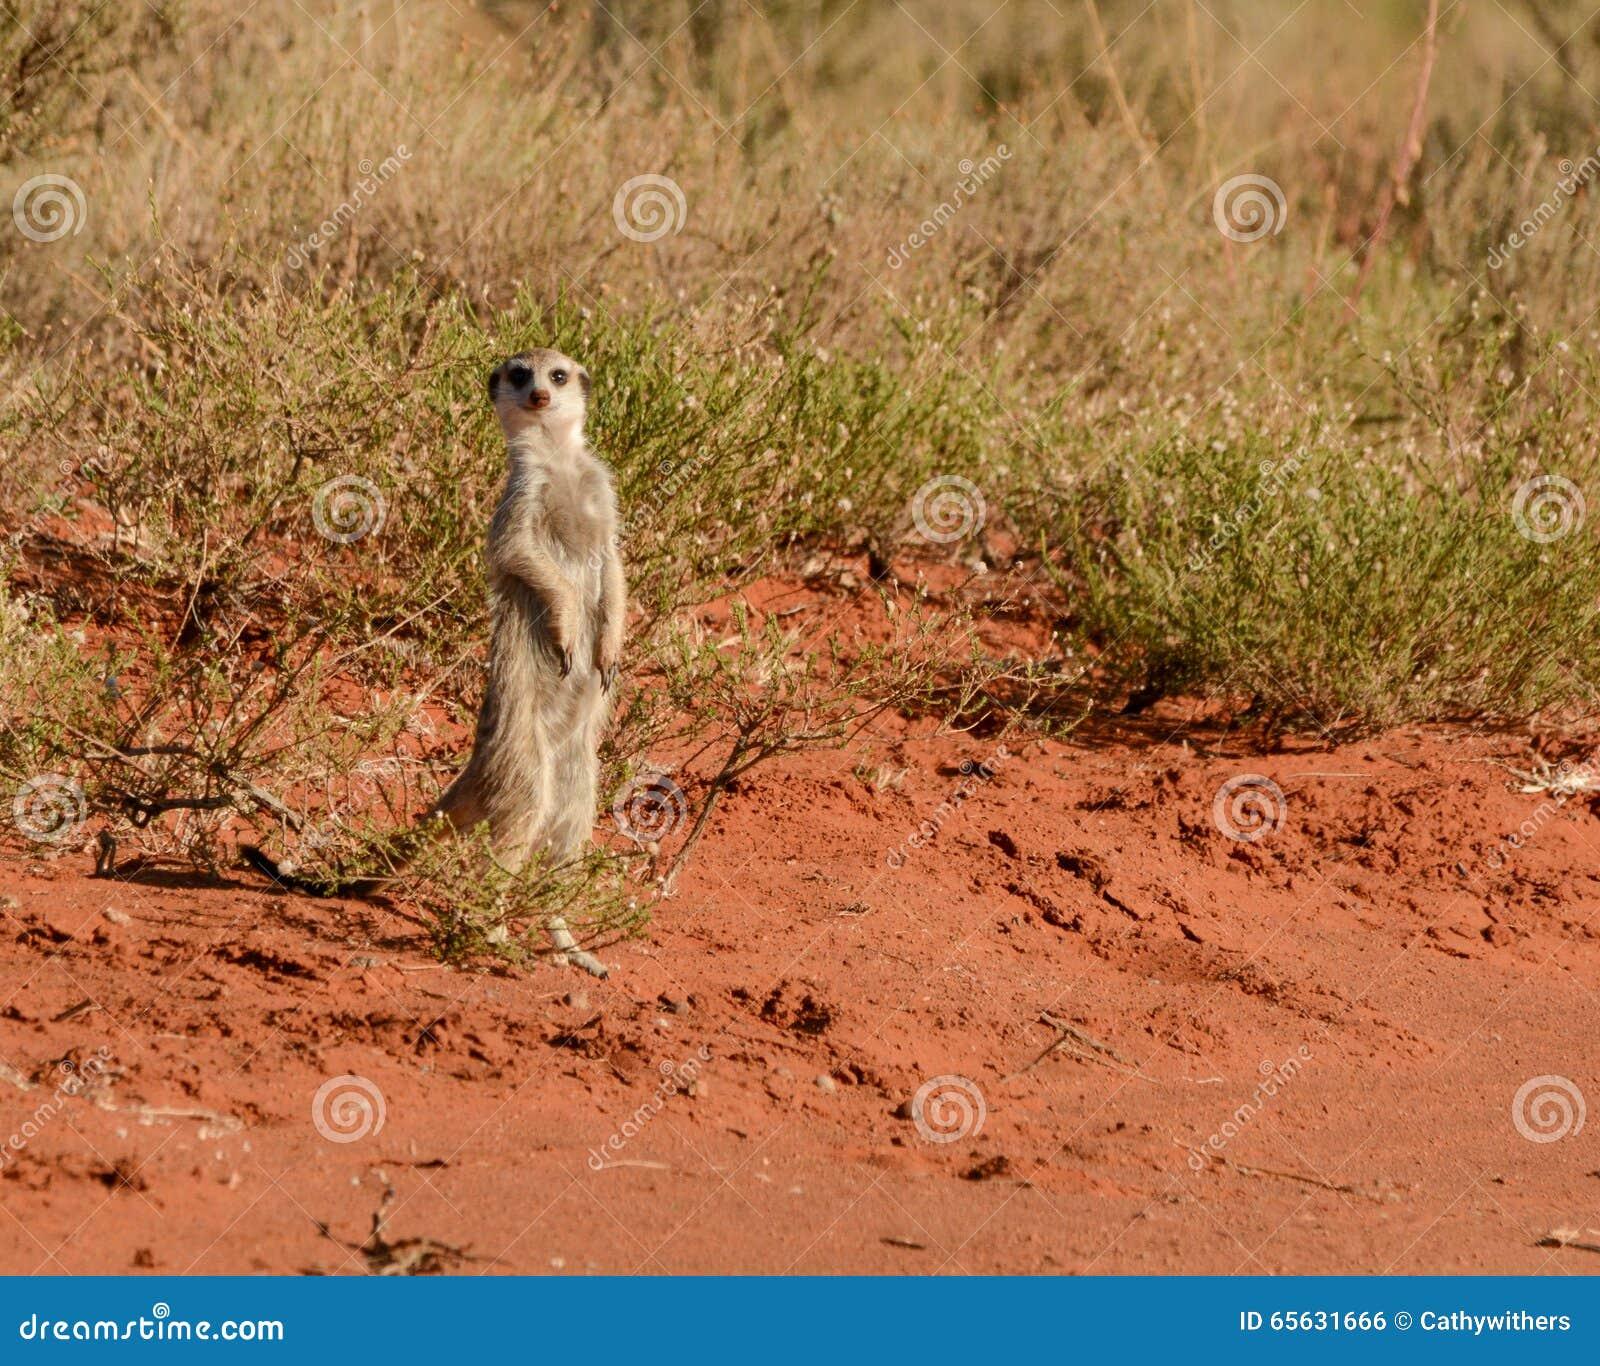 Meerkat vigilant